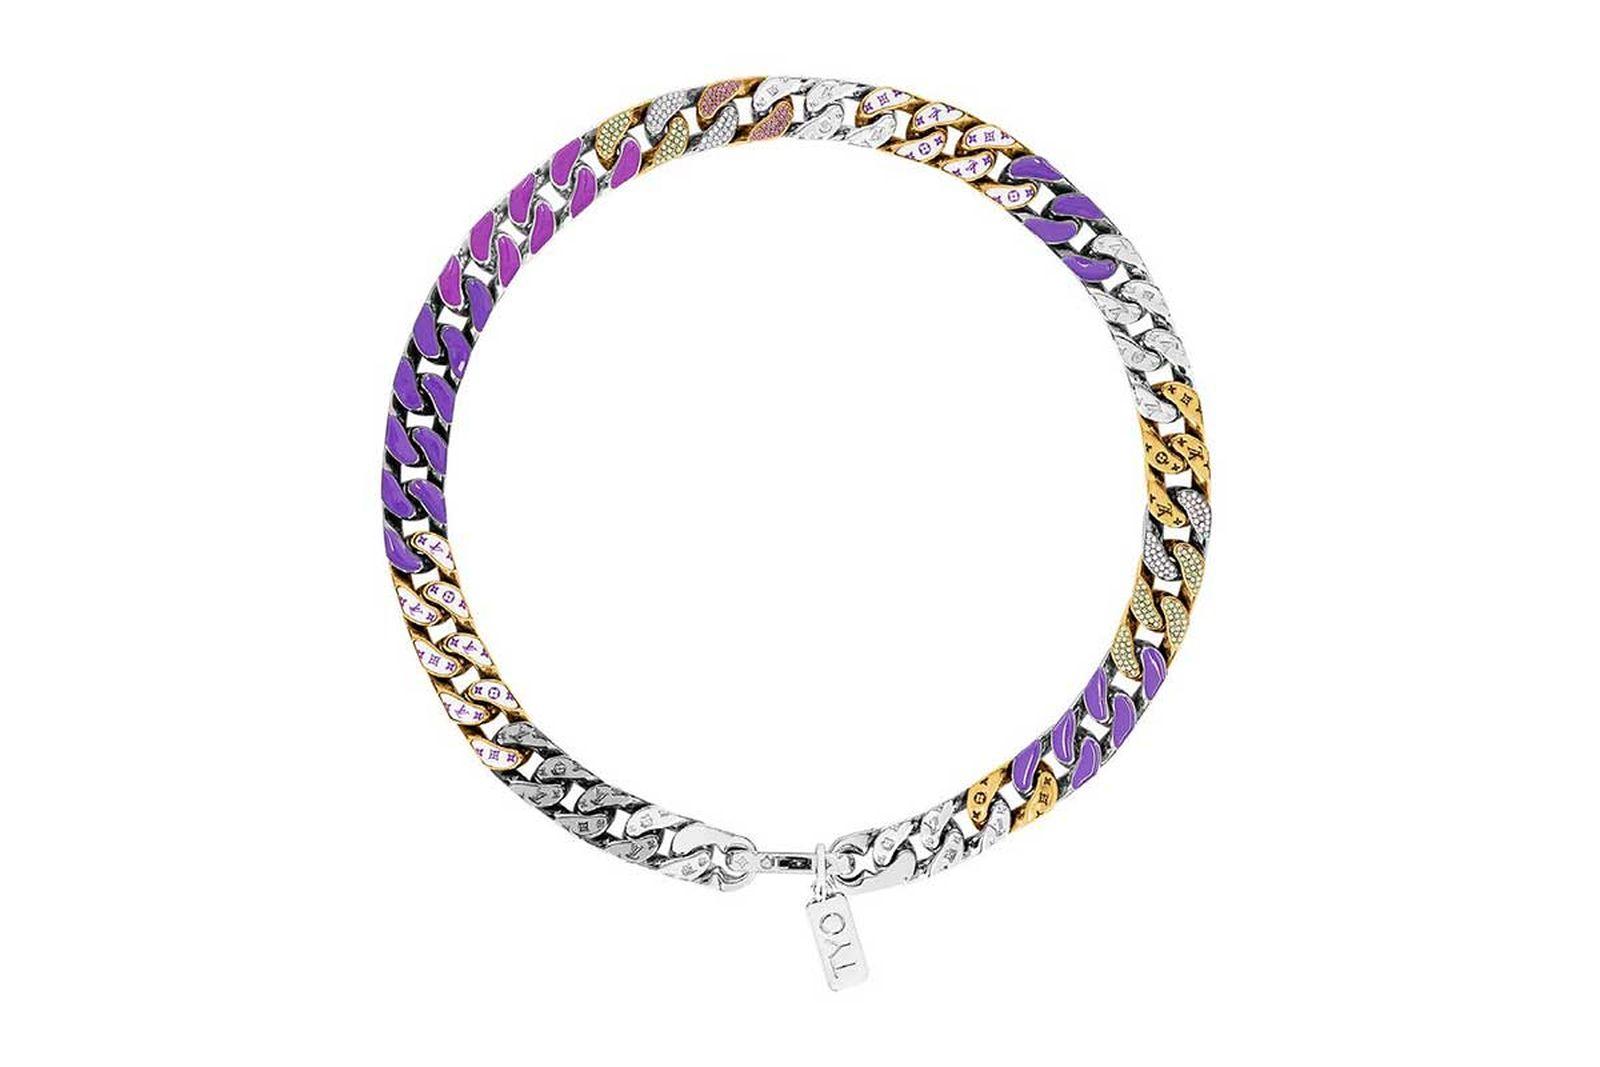 louis vuitton lv chain link neckalces (2)